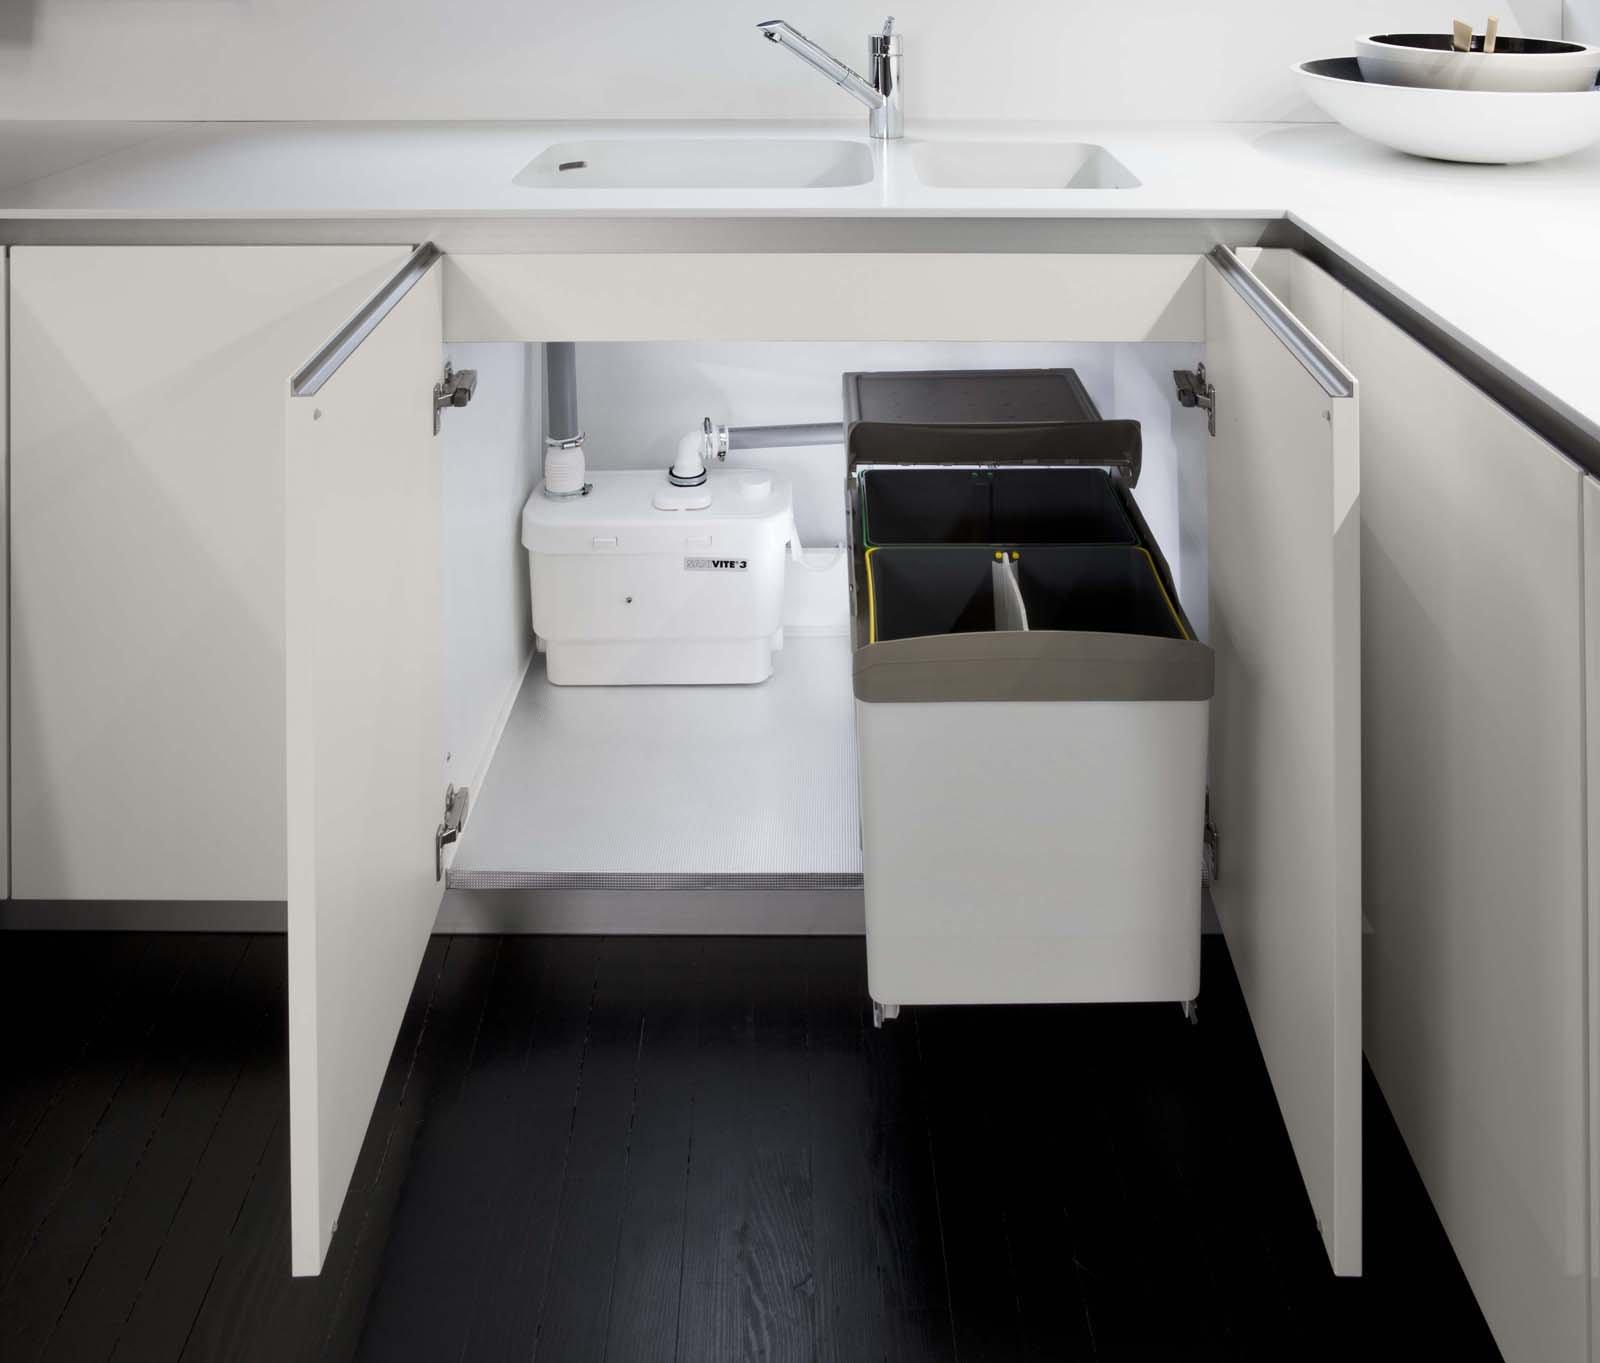 Cucine come spostare il lavello senza lavori cose di casa - Dove mettere la lavastoviglie in cucina ...